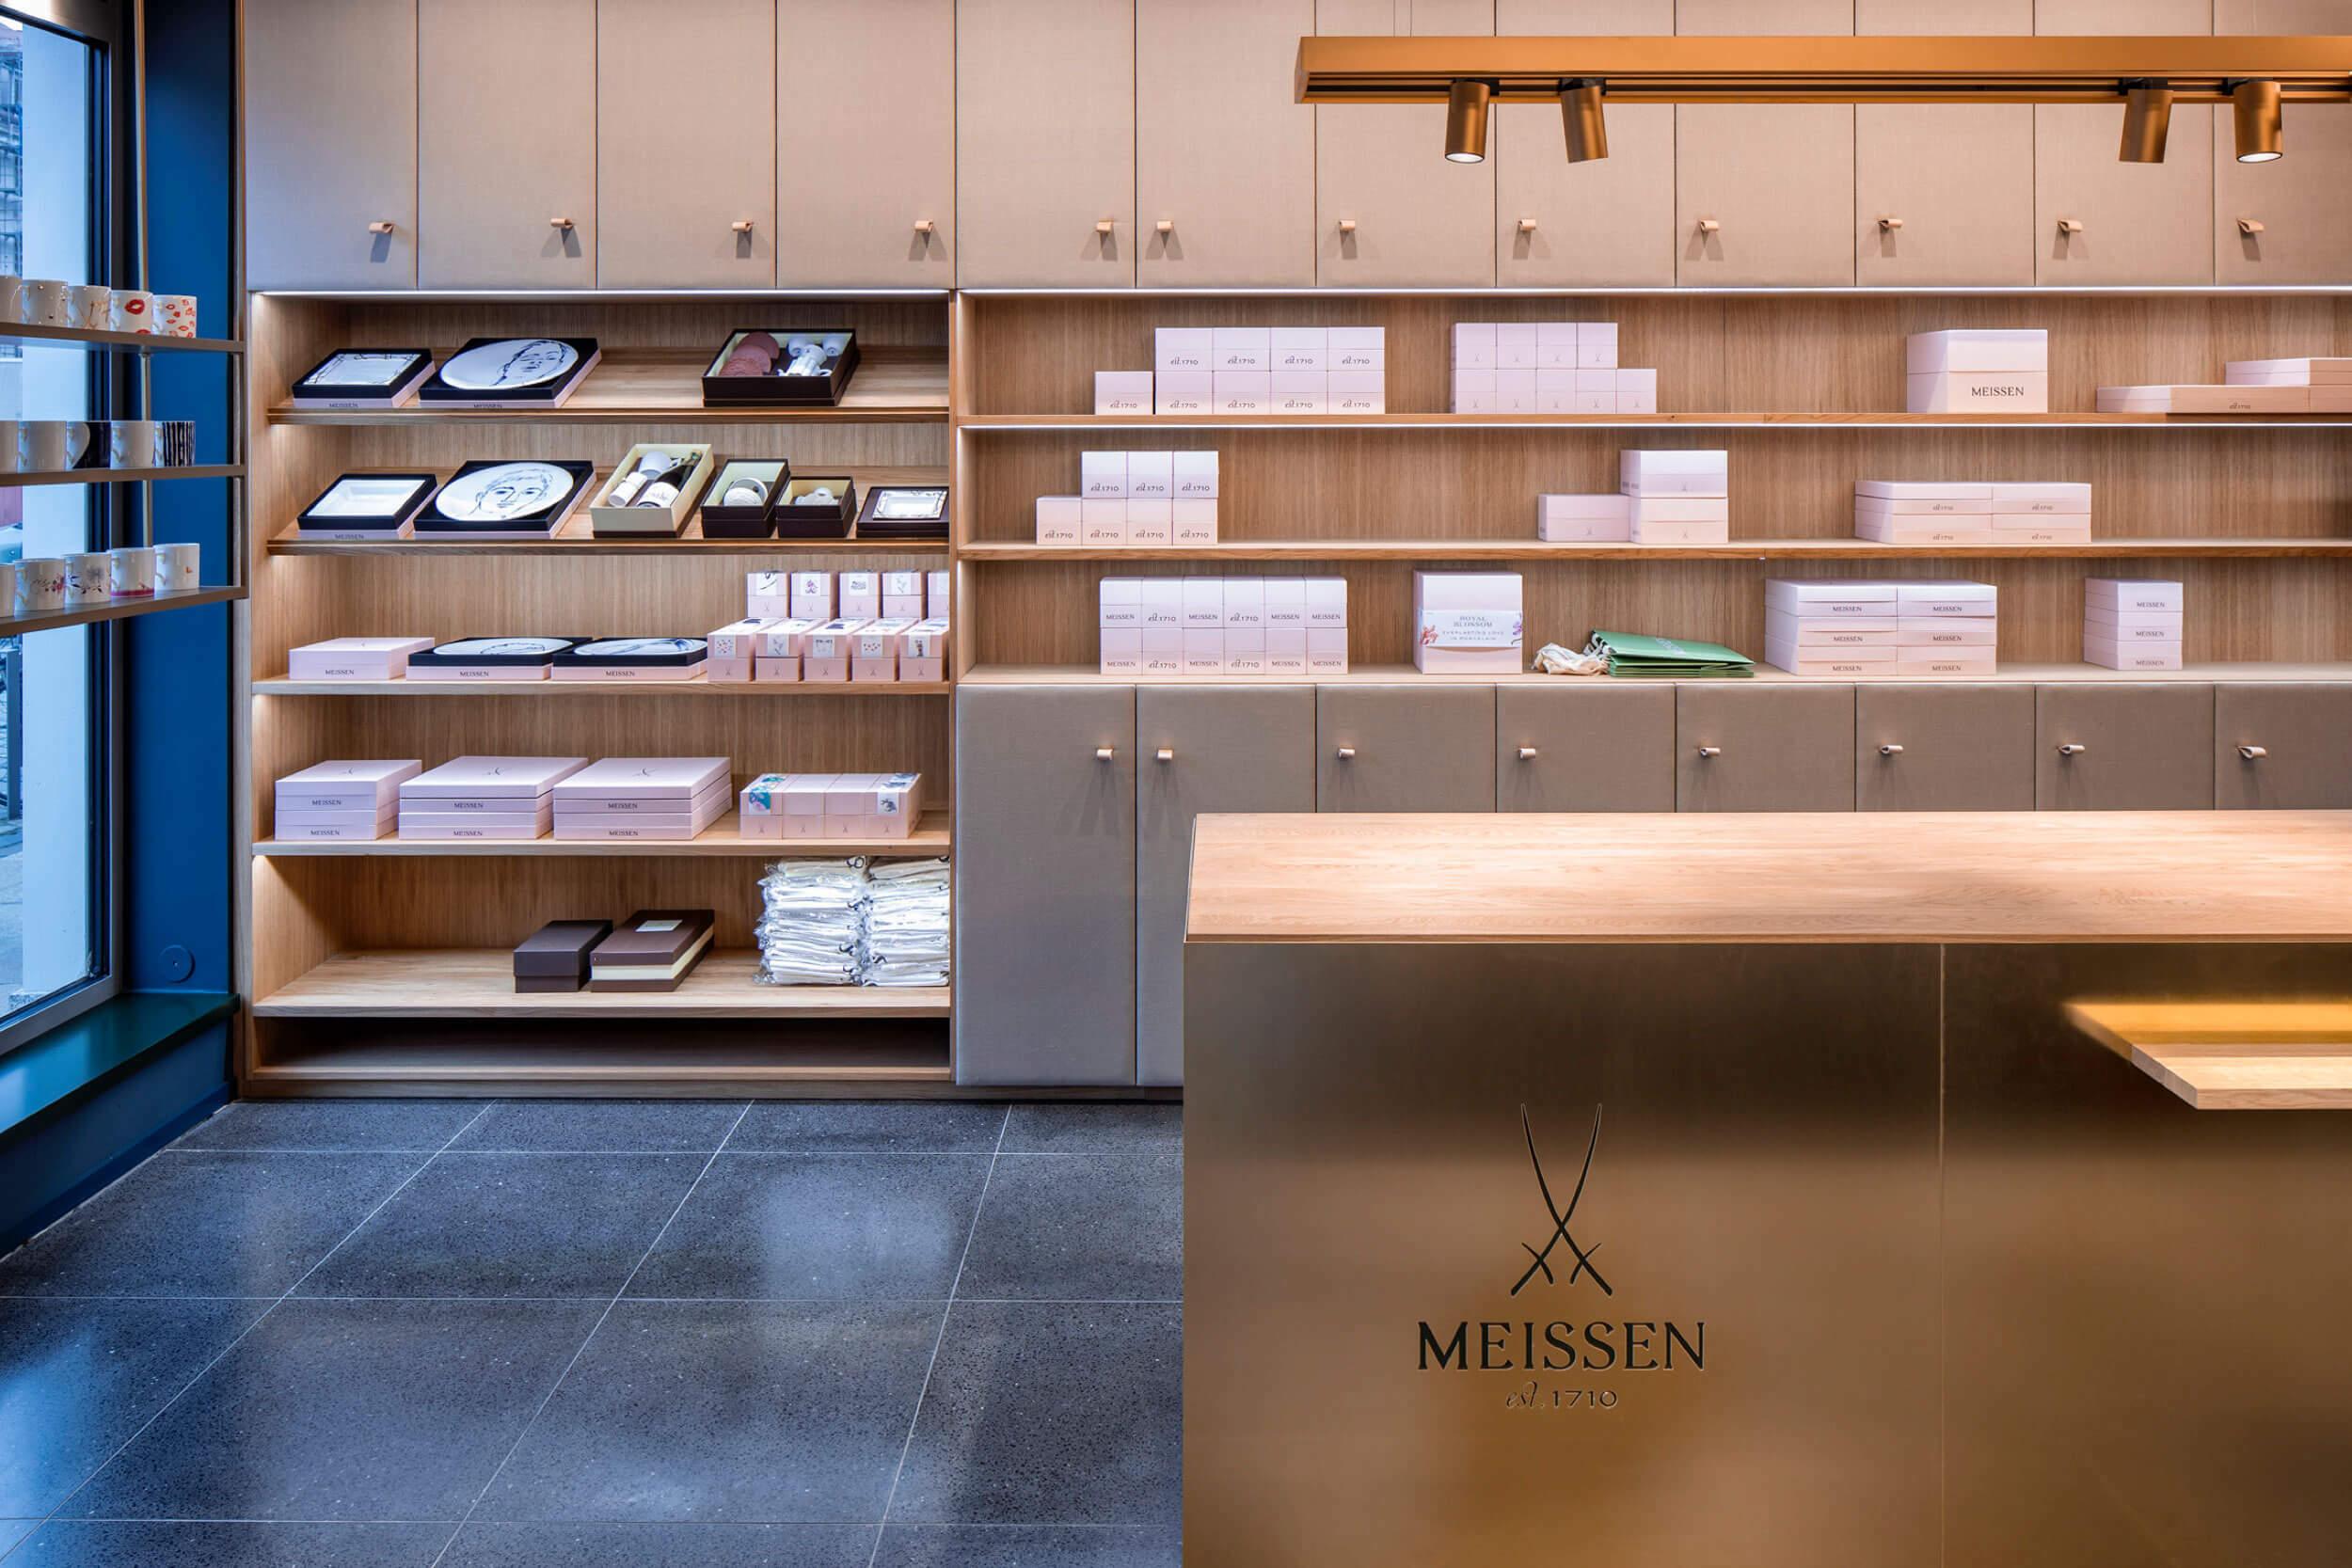 Tresen im Meissen Signature Store